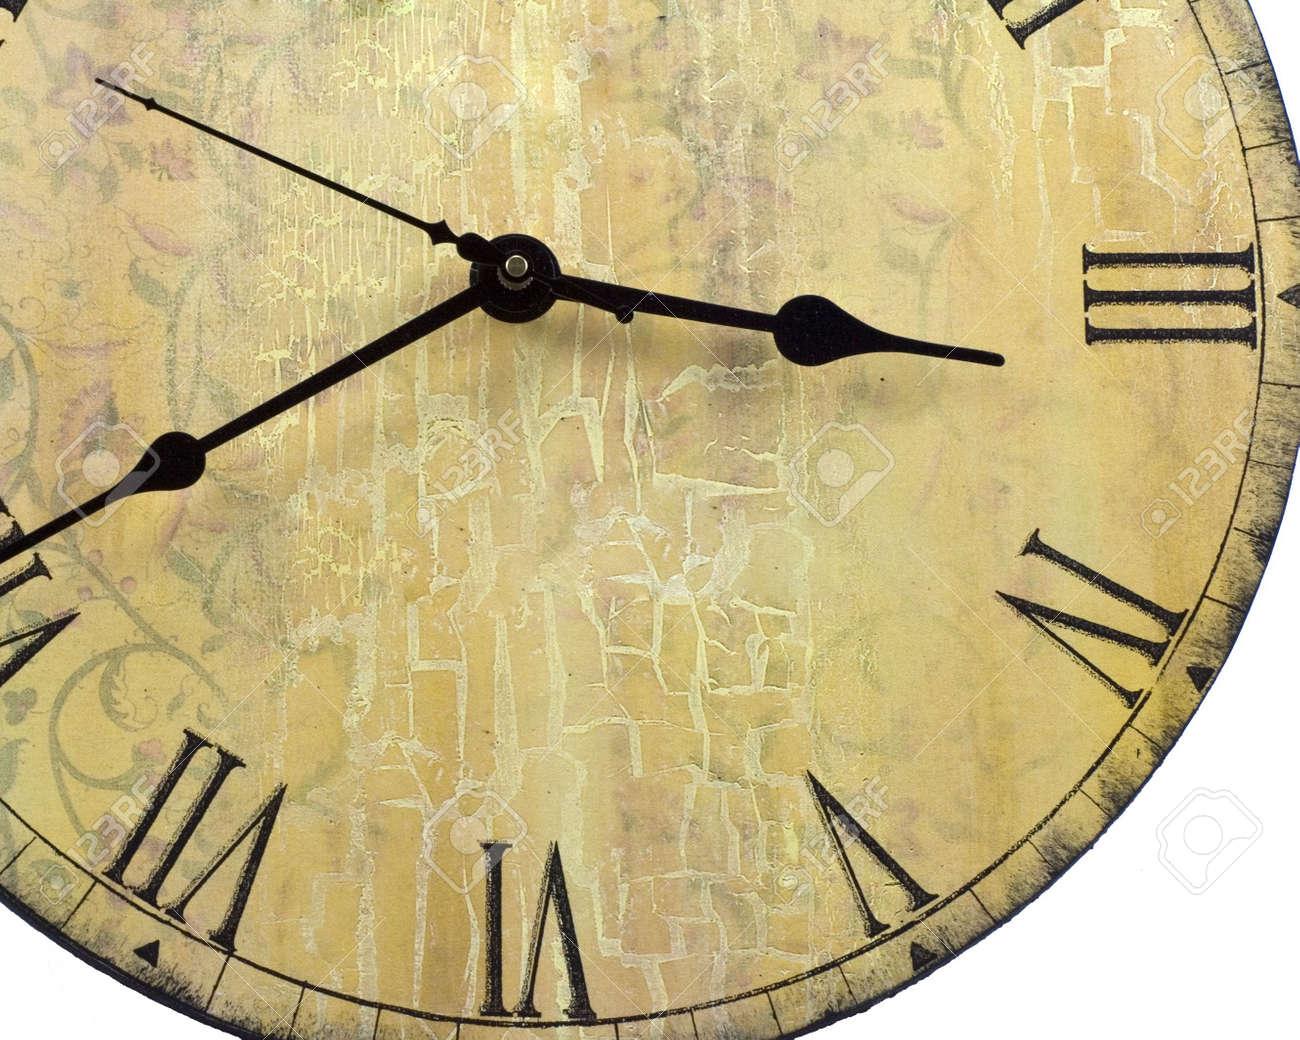 Old Style Runde Wanduhr Mit Römischen Zahlen Lizenzfreie Fotos